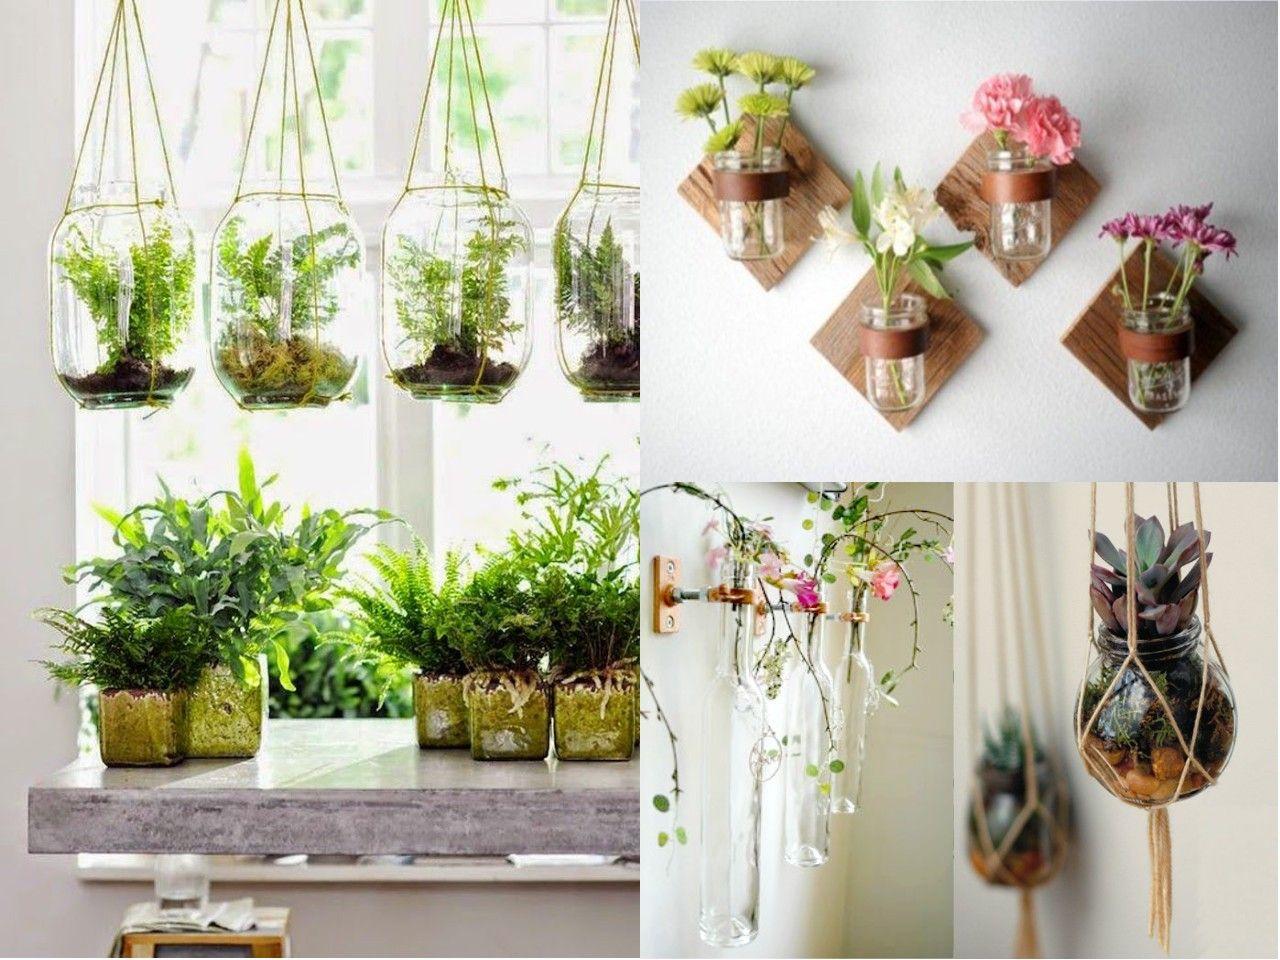 Plantas colgantes para interiores decoraci n del hogar Quiero estudiar diseno de interiores